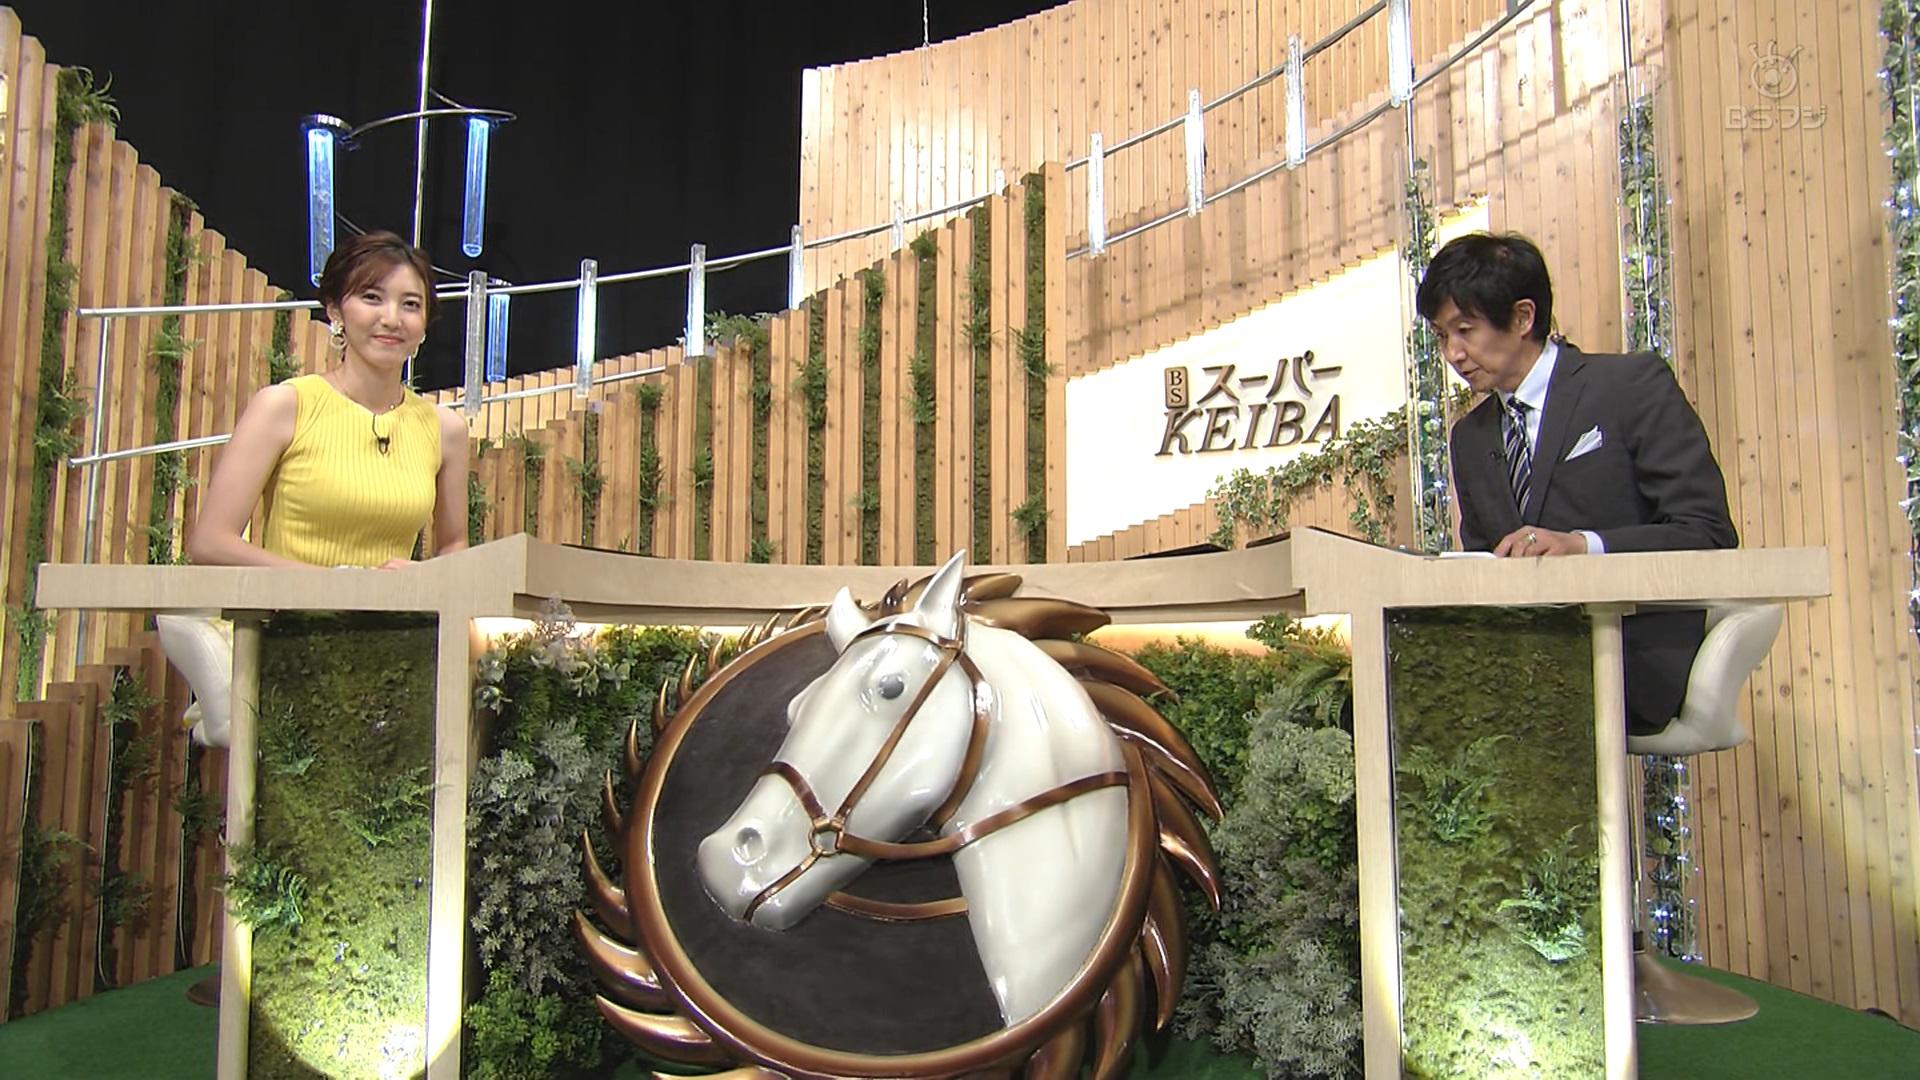 【画像】巨乳の小澤陽子さん、ノースリーブニットおっぱい